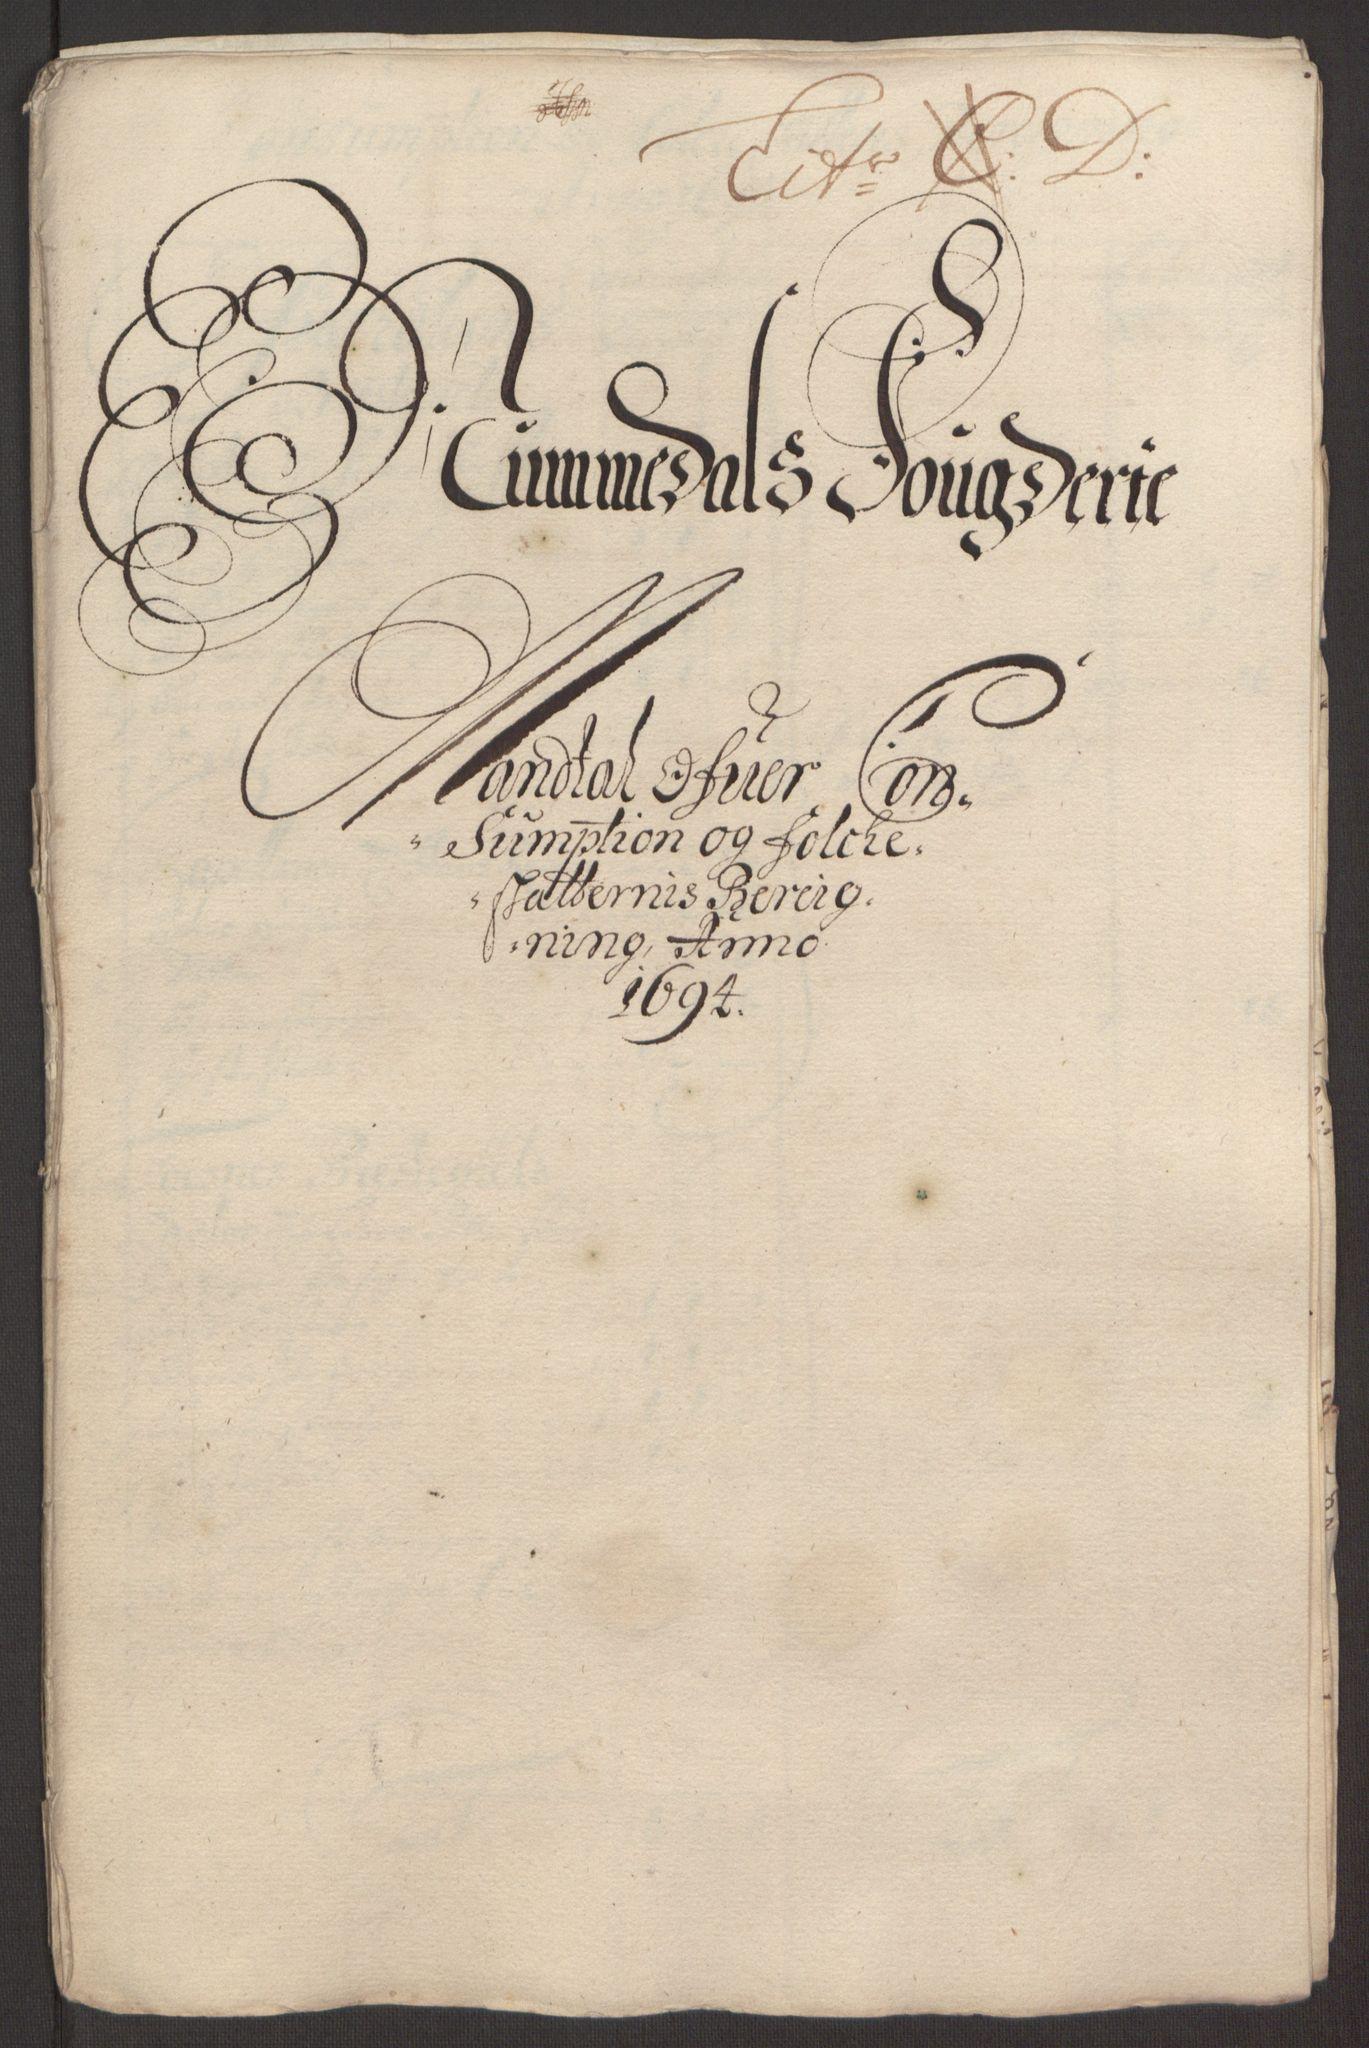 RA, Rentekammeret inntil 1814, Reviderte regnskaper, Fogderegnskap, R64/L4424: Fogderegnskap Namdal, 1692-1695, s. 352